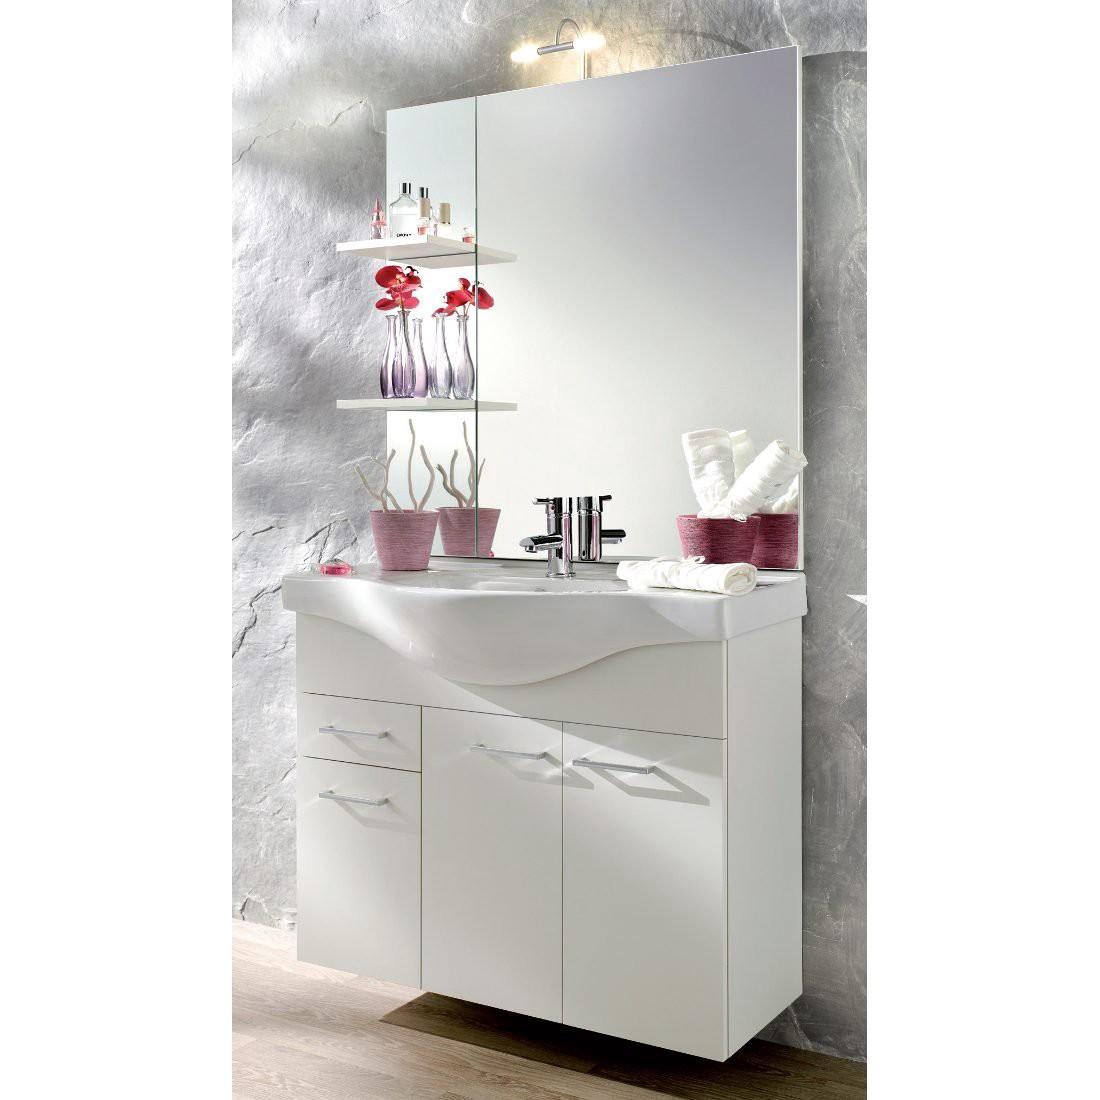 Wastafelkast Auro - gesloten kast - spiegel keramiek wit - zonder verlichting, Posseik